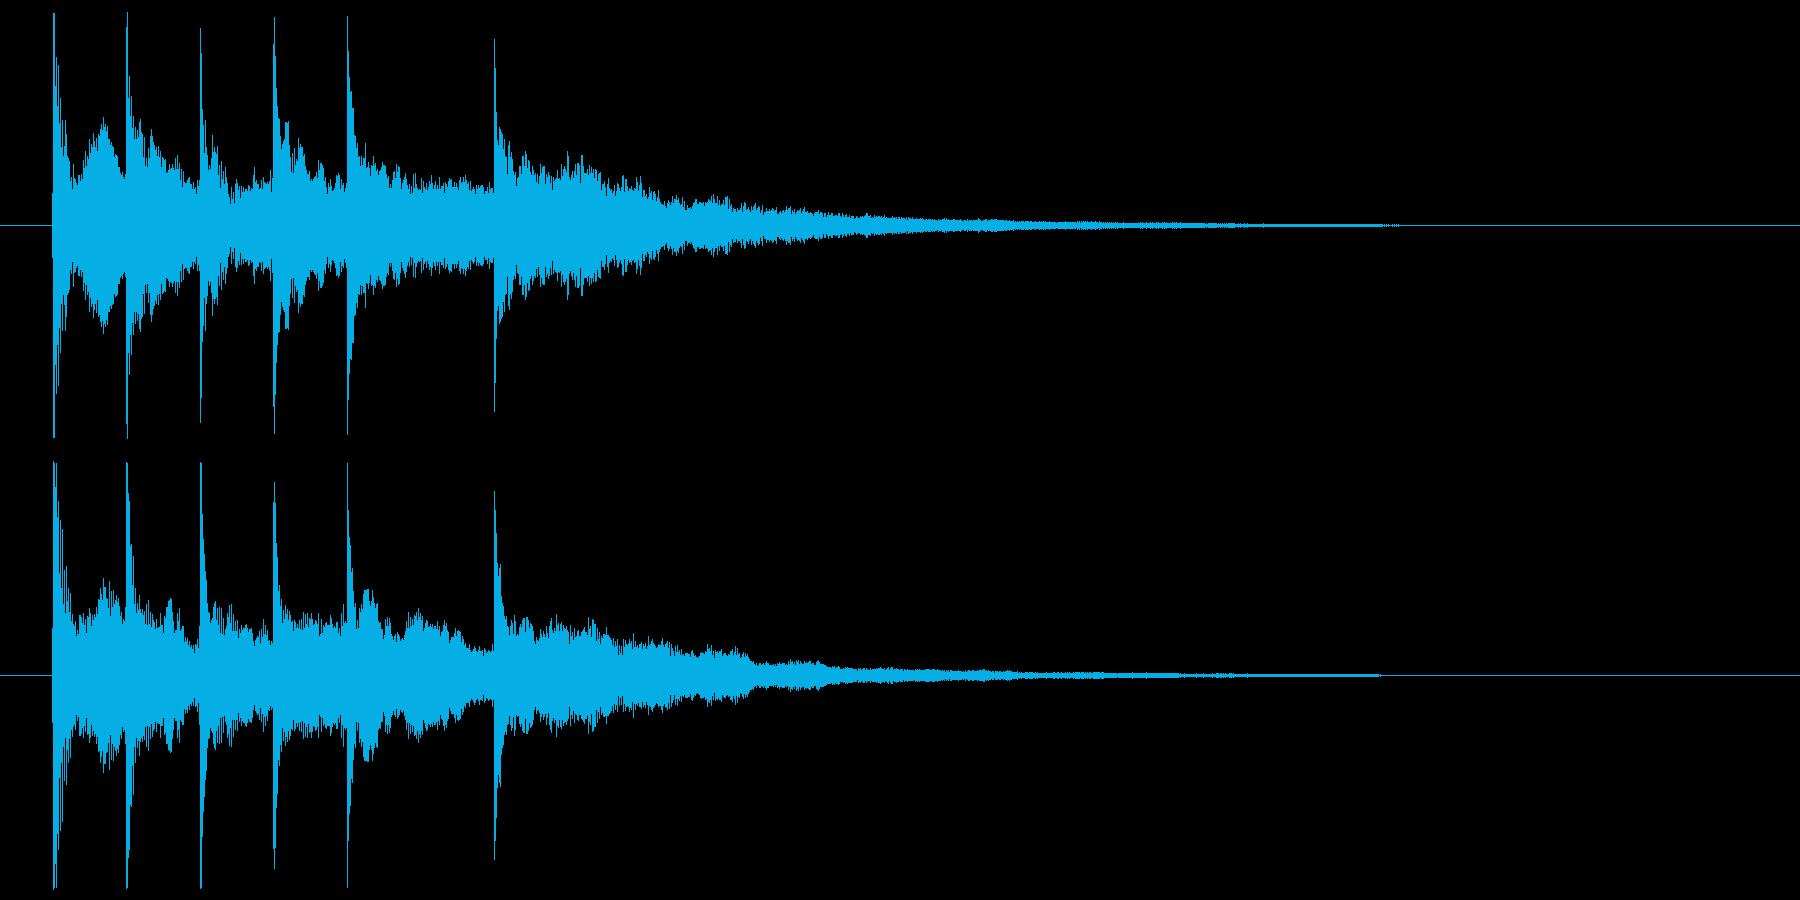 清涼感ある企業向けジングルサウンドロゴ6の再生済みの波形